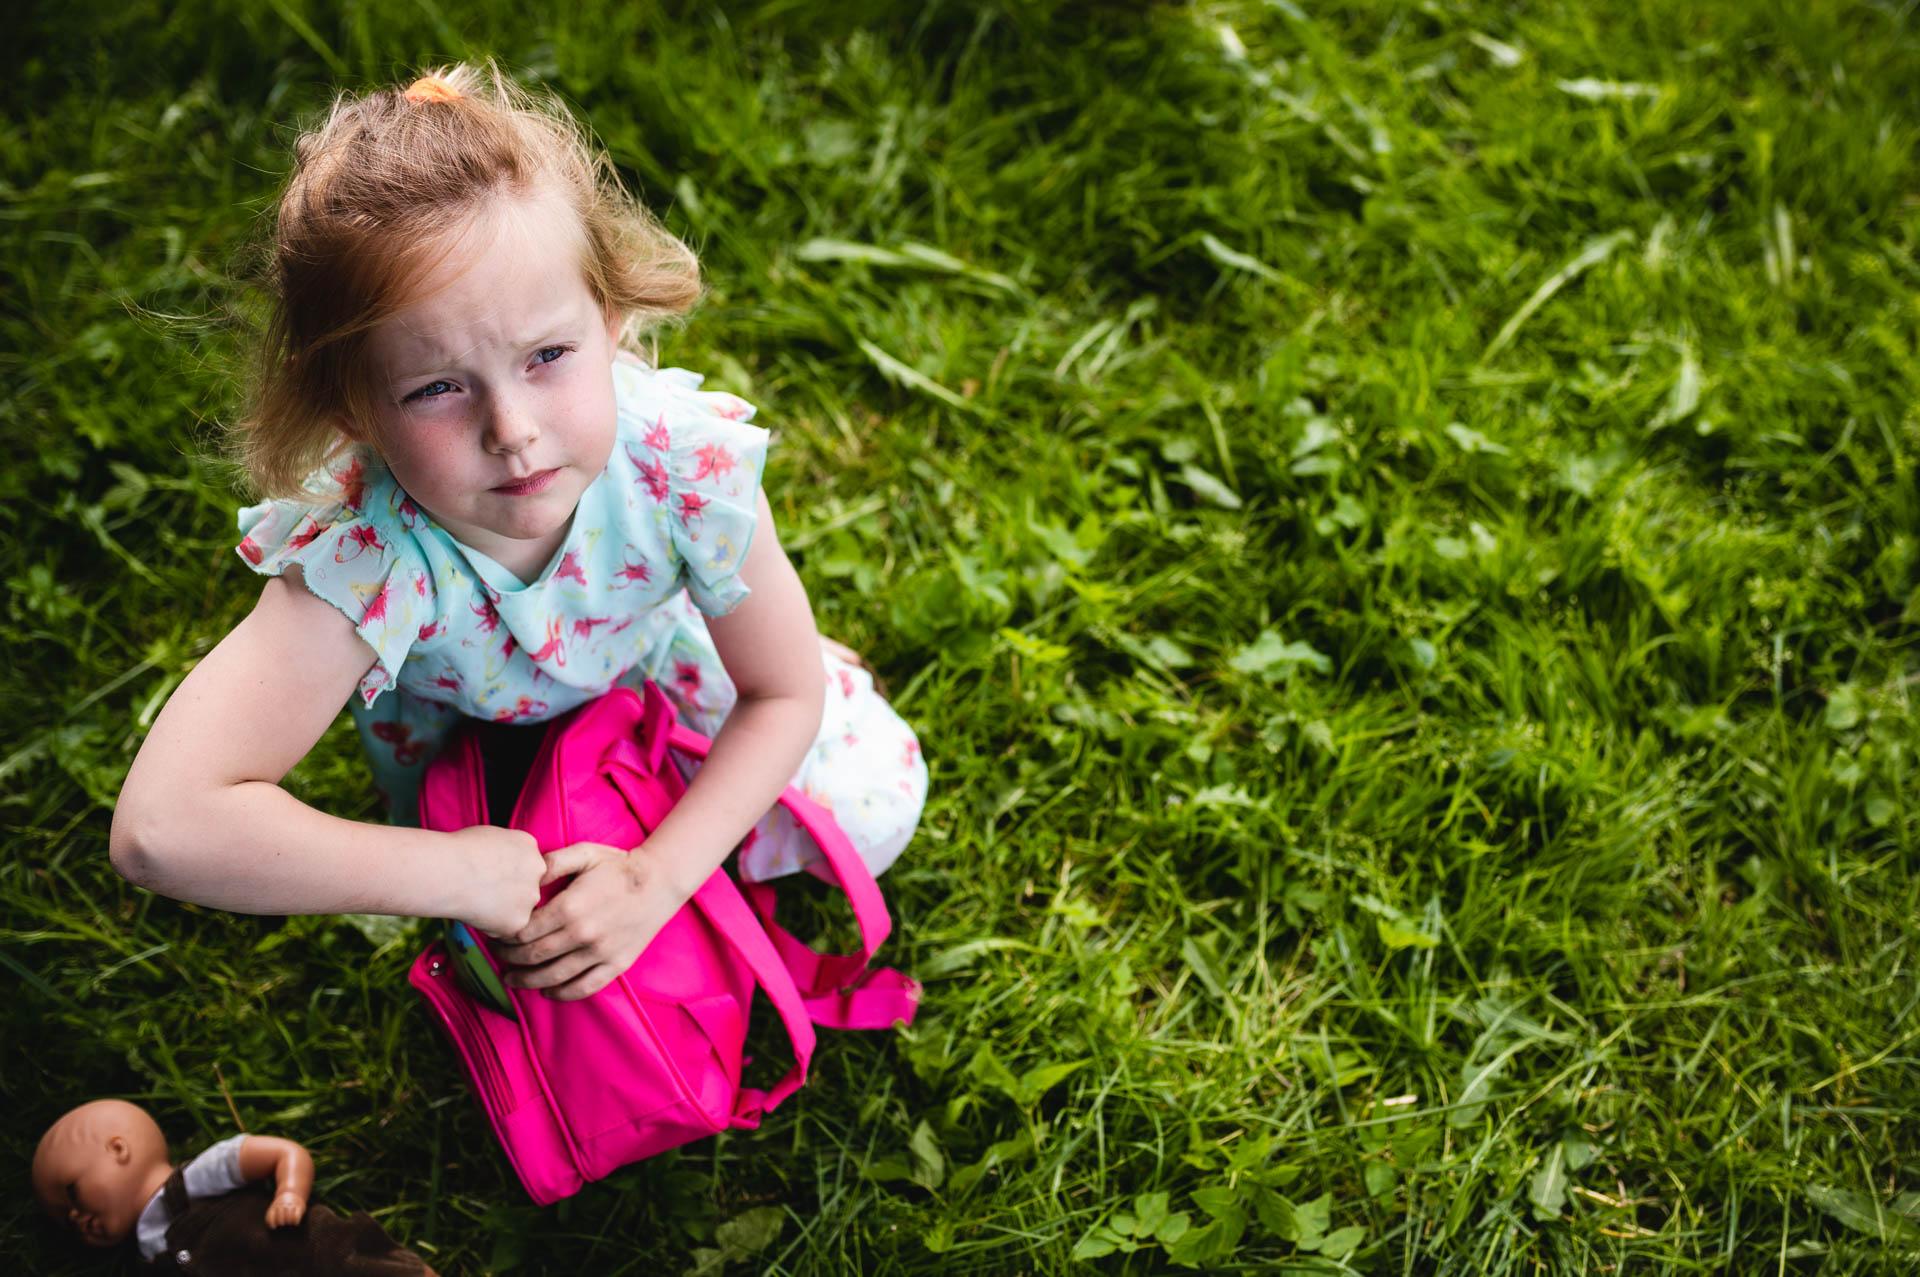 Mädchen im Sommerkleid auf der Wiese packt ihr pinkiges Rucksack, ihre Puppe liebt am Boden neben ihr